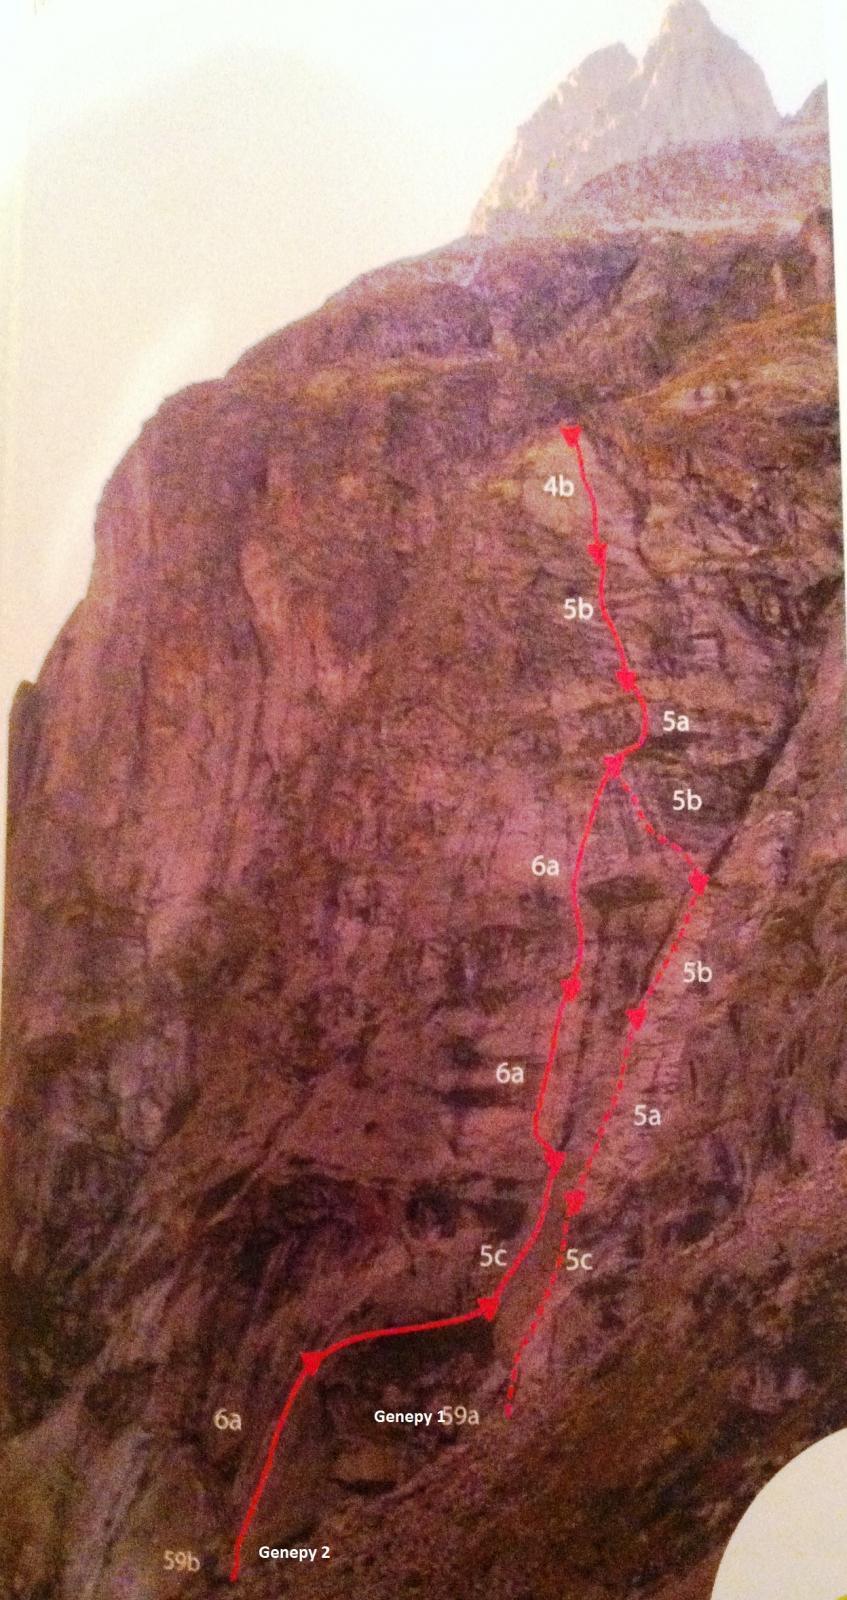 Titani (Parete dei) Genepy 2 2014-08-11